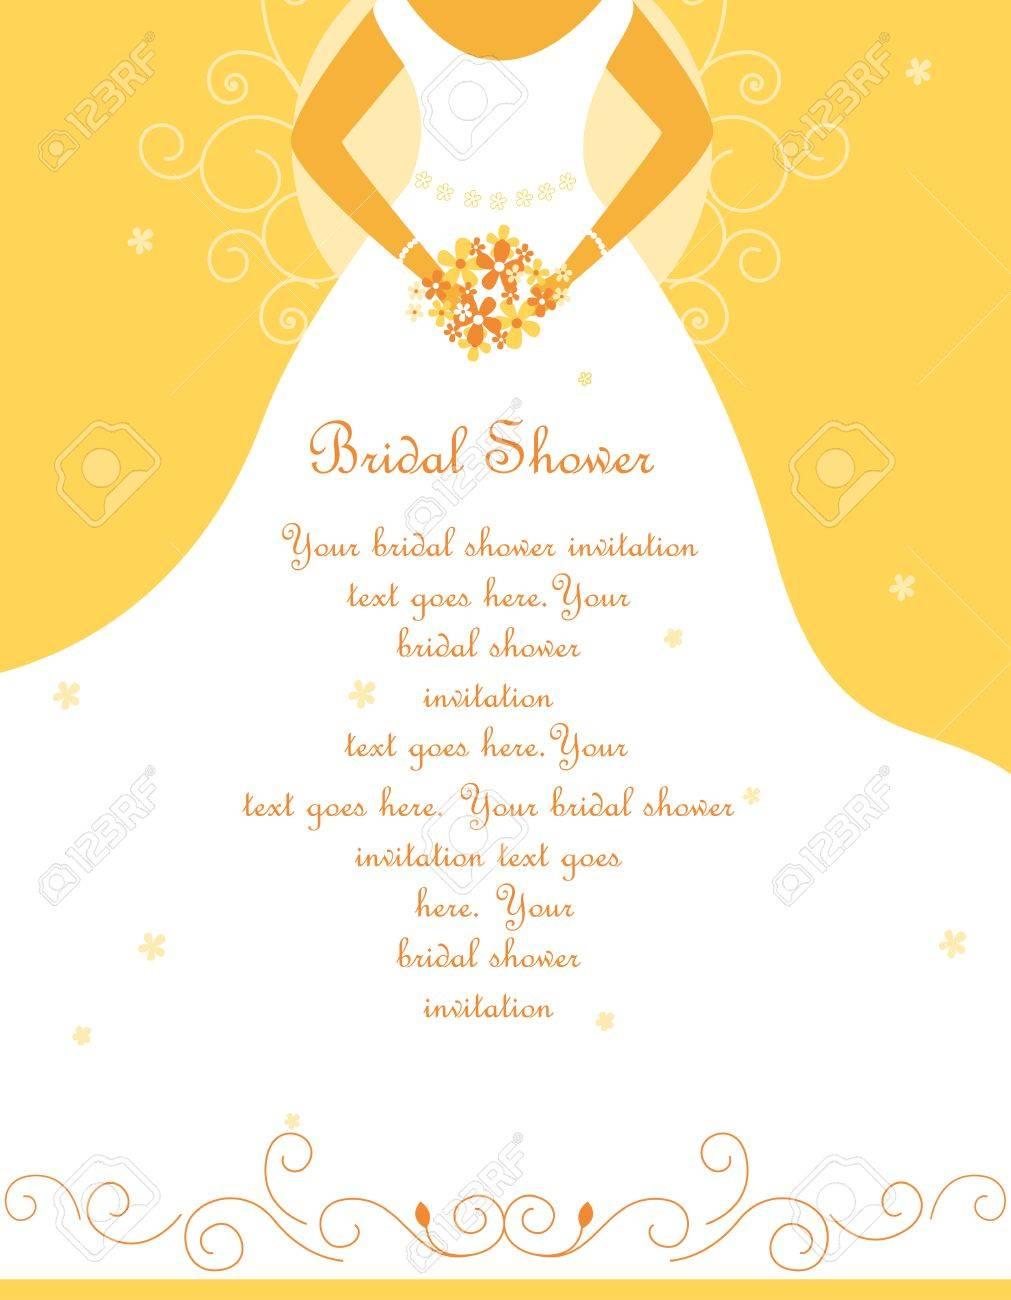 resume anniversaire art artistique artbridal douche mariage carte d invitation de fond avec un beauti travail toile de fond fond beau